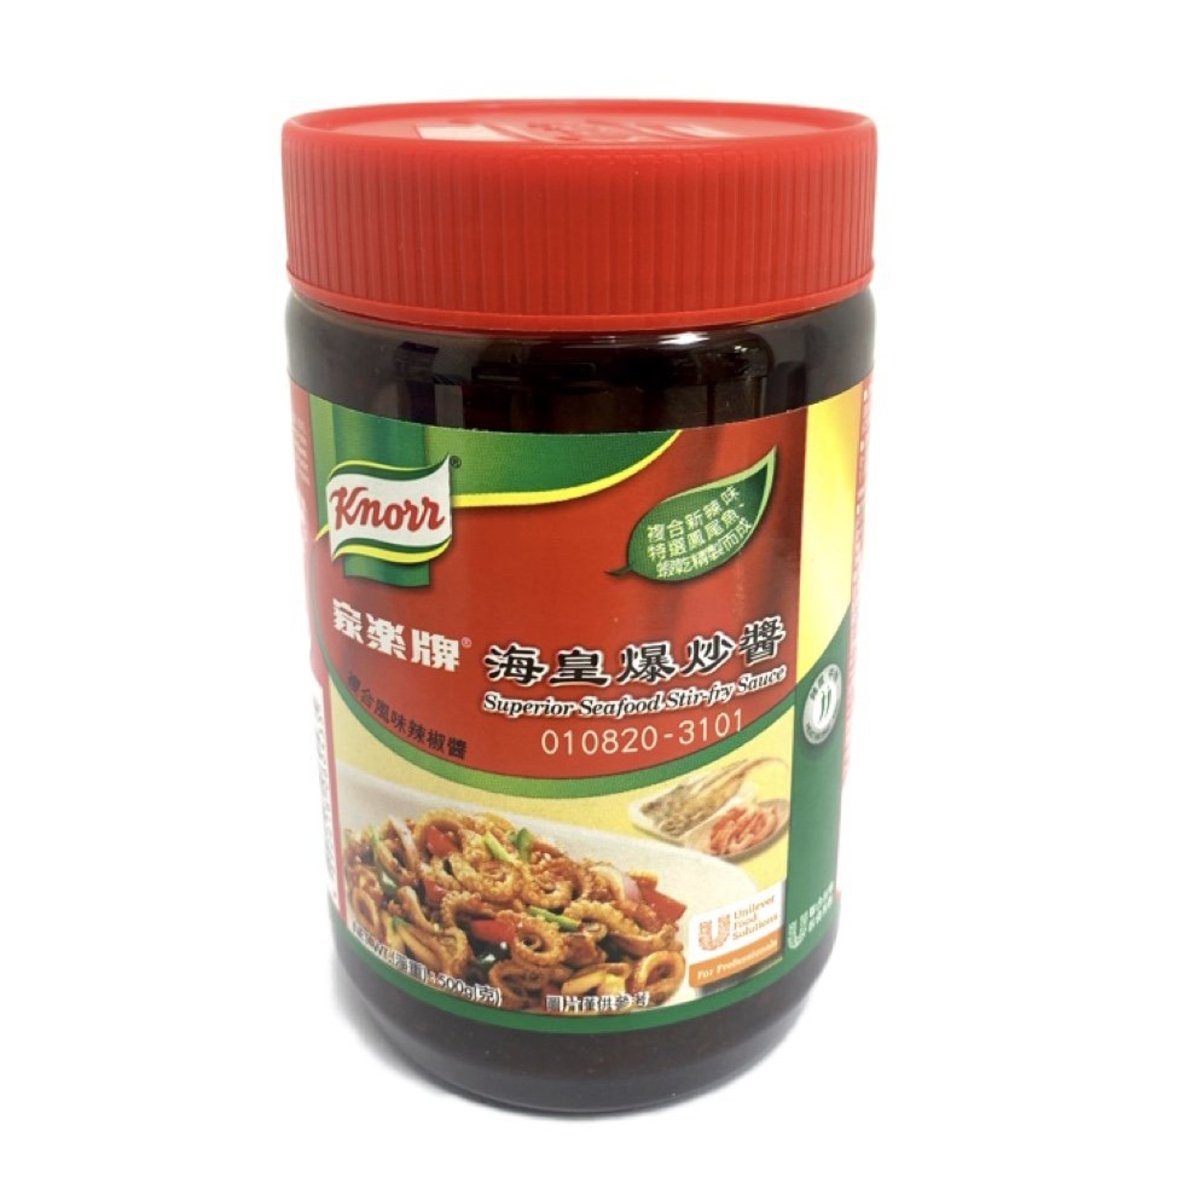 Superior Seafood Stir-fry Sauce (500g)